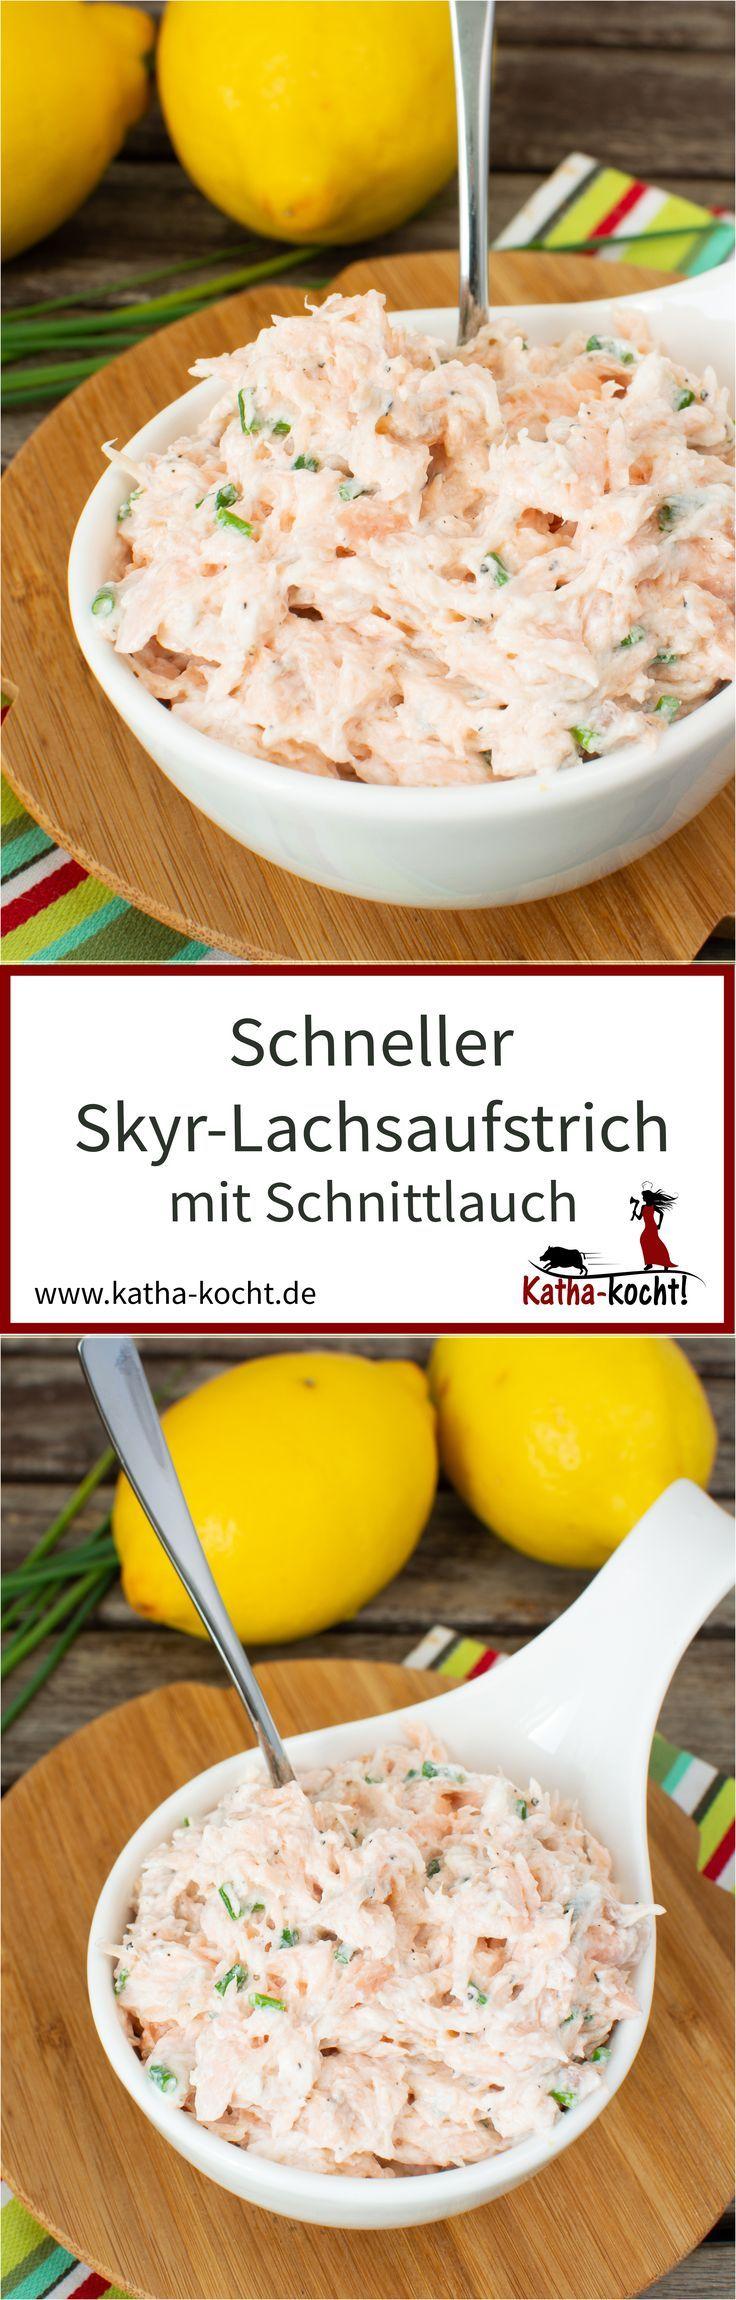 Skyr-Lachsaufstrich